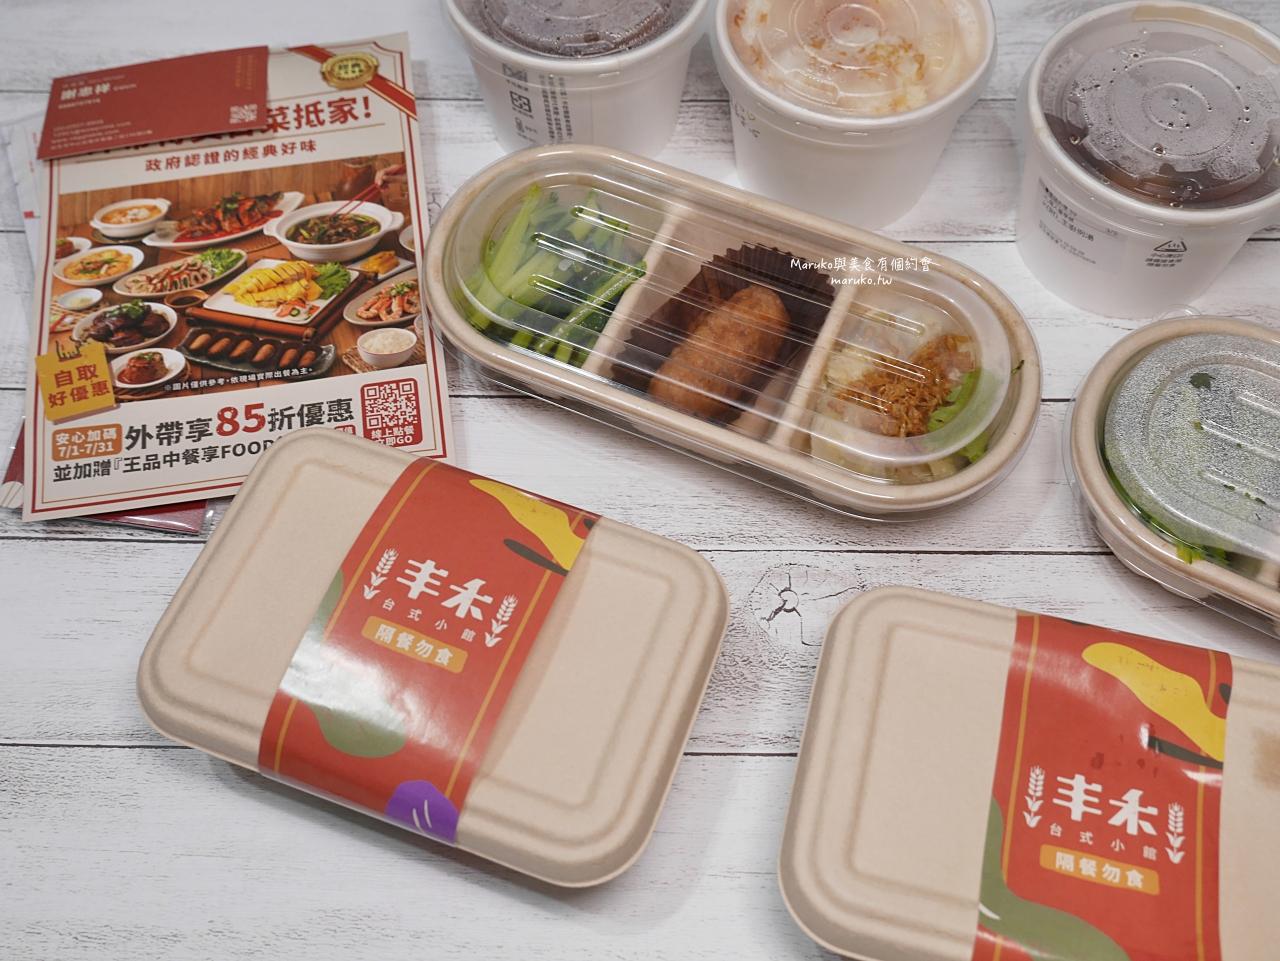 【台北】丰禾台式小館 王品台菜 外帶套餐七樣最低169元 捷運松江南京站美食